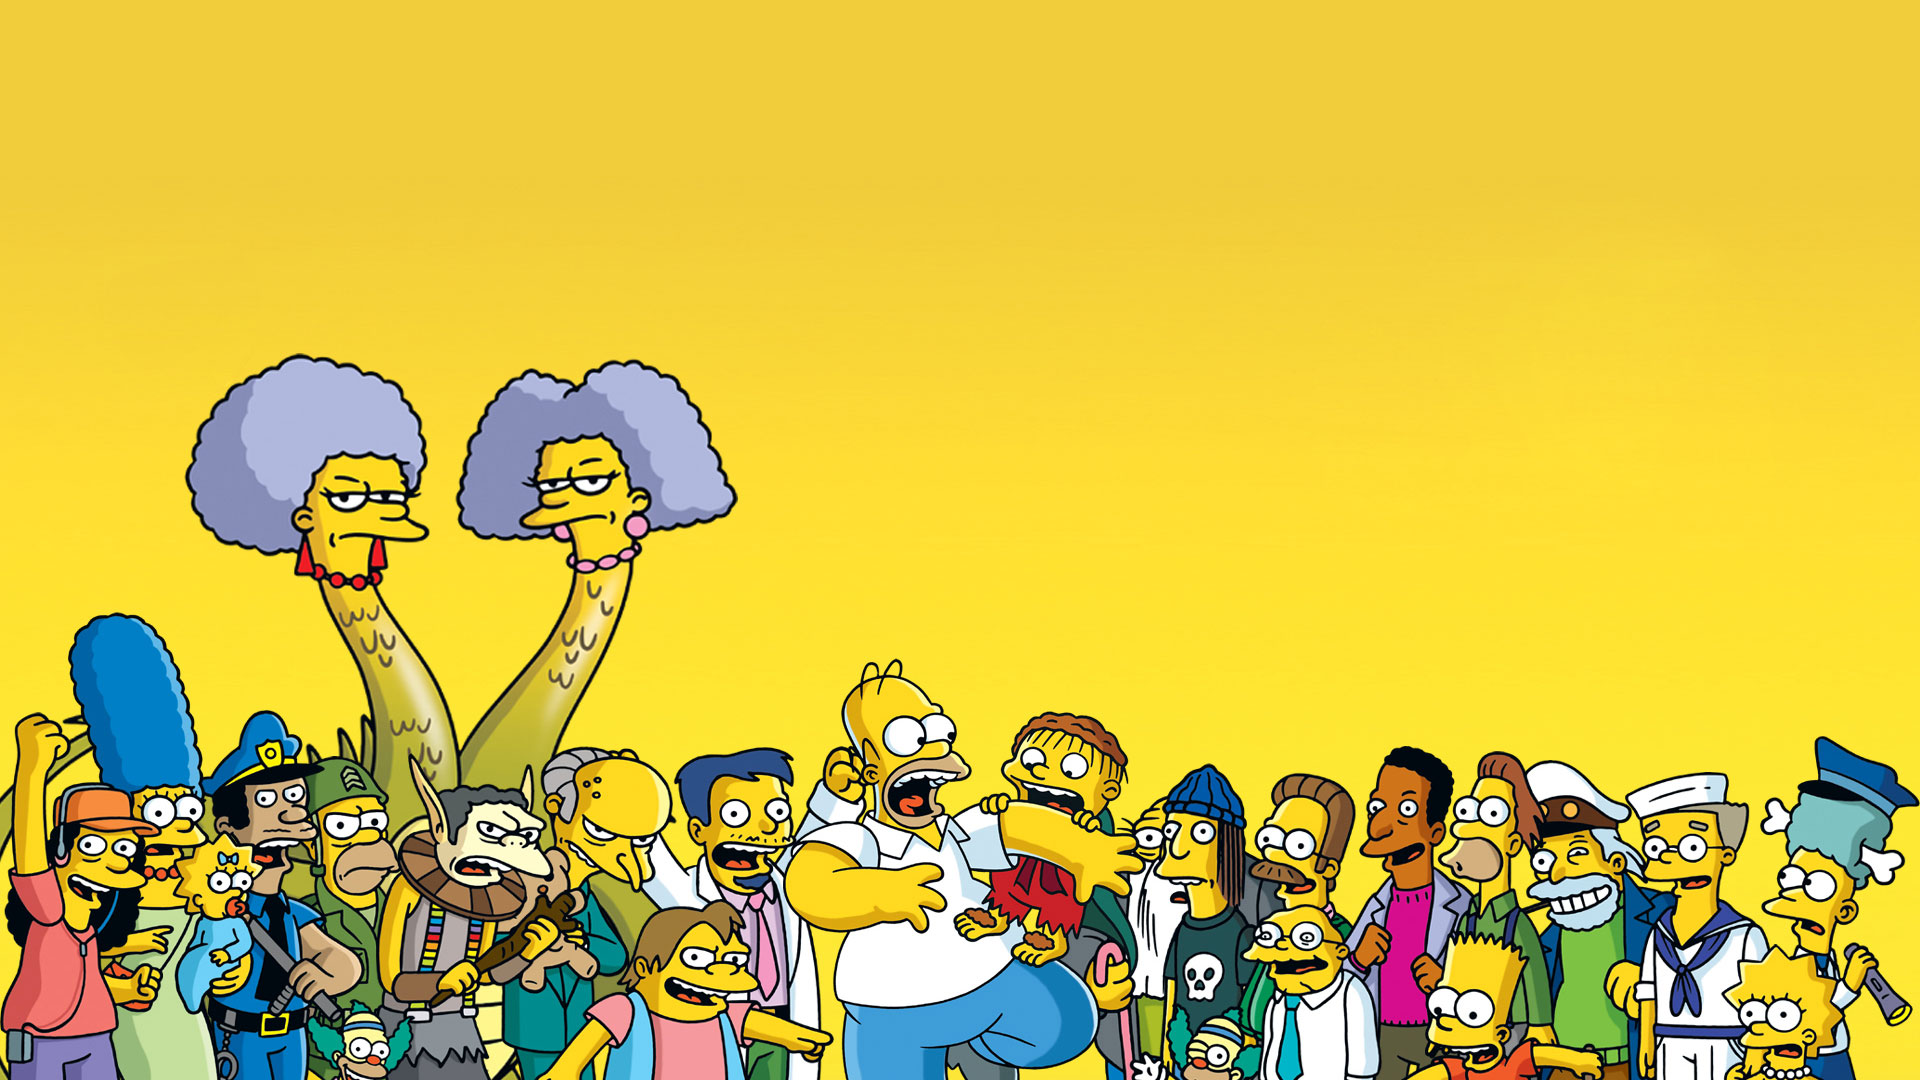 Смотреть мультфильм «Симпсоны» онлайн в хорошем качестве ...